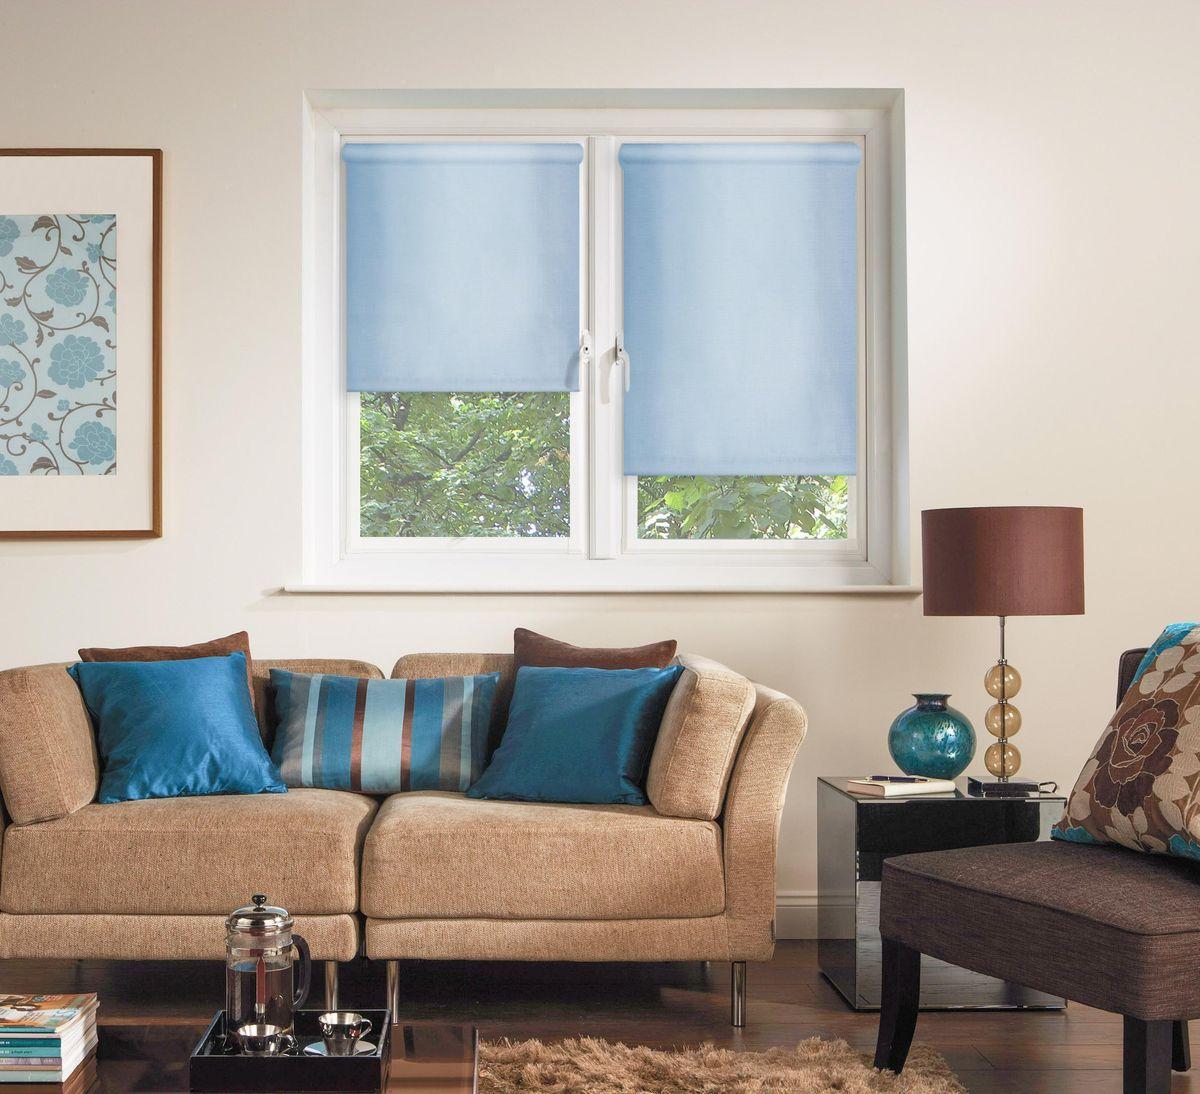 Штора рулонная Эскар, цвет: голубой, ширина 140 см, высота 170 смMW-3101Рулонными шторами можно оформлять окна как самостоятельно, так и использовать в комбинации с портьерами. Это поможет предотвратить выгорание дорогой ткани на солнце и соединит функционал рулонных с красотой навесных.Преимущества применения рулонных штор для пластиковых окон:- имеют прекрасный внешний вид: многообразие и фактурность материала изделия отлично смотрятся в любом интерьере; - многофункциональны: есть возможность подобрать шторы способные эффективно защитить комнату от солнца, при этом о на не будет слишком темной. - Есть возможность осуществить быстрый монтаж. ВНИМАНИЕ! Размеры ширины изделия указаны по ширине ткани!Во время эксплуатации не рекомендуется полностью разматывать рулон, чтобы не оторвать ткань от намоточного вала.В случае загрязнения поверхности ткани, чистку шторы проводят одним из способов, в зависимости от типа загрязнения: легкое поверхностное загрязнение можно удалить при помощи канцелярского ластика; чистка от пыли производится сухим методом при помощи пылесоса с мягкой щеткой-насадкой; для удаления пятна используйте мягкую губку с пенообразующим неагрессивным моющим средством или пятновыводитель на натуральной основе (нельзя применять растворители).